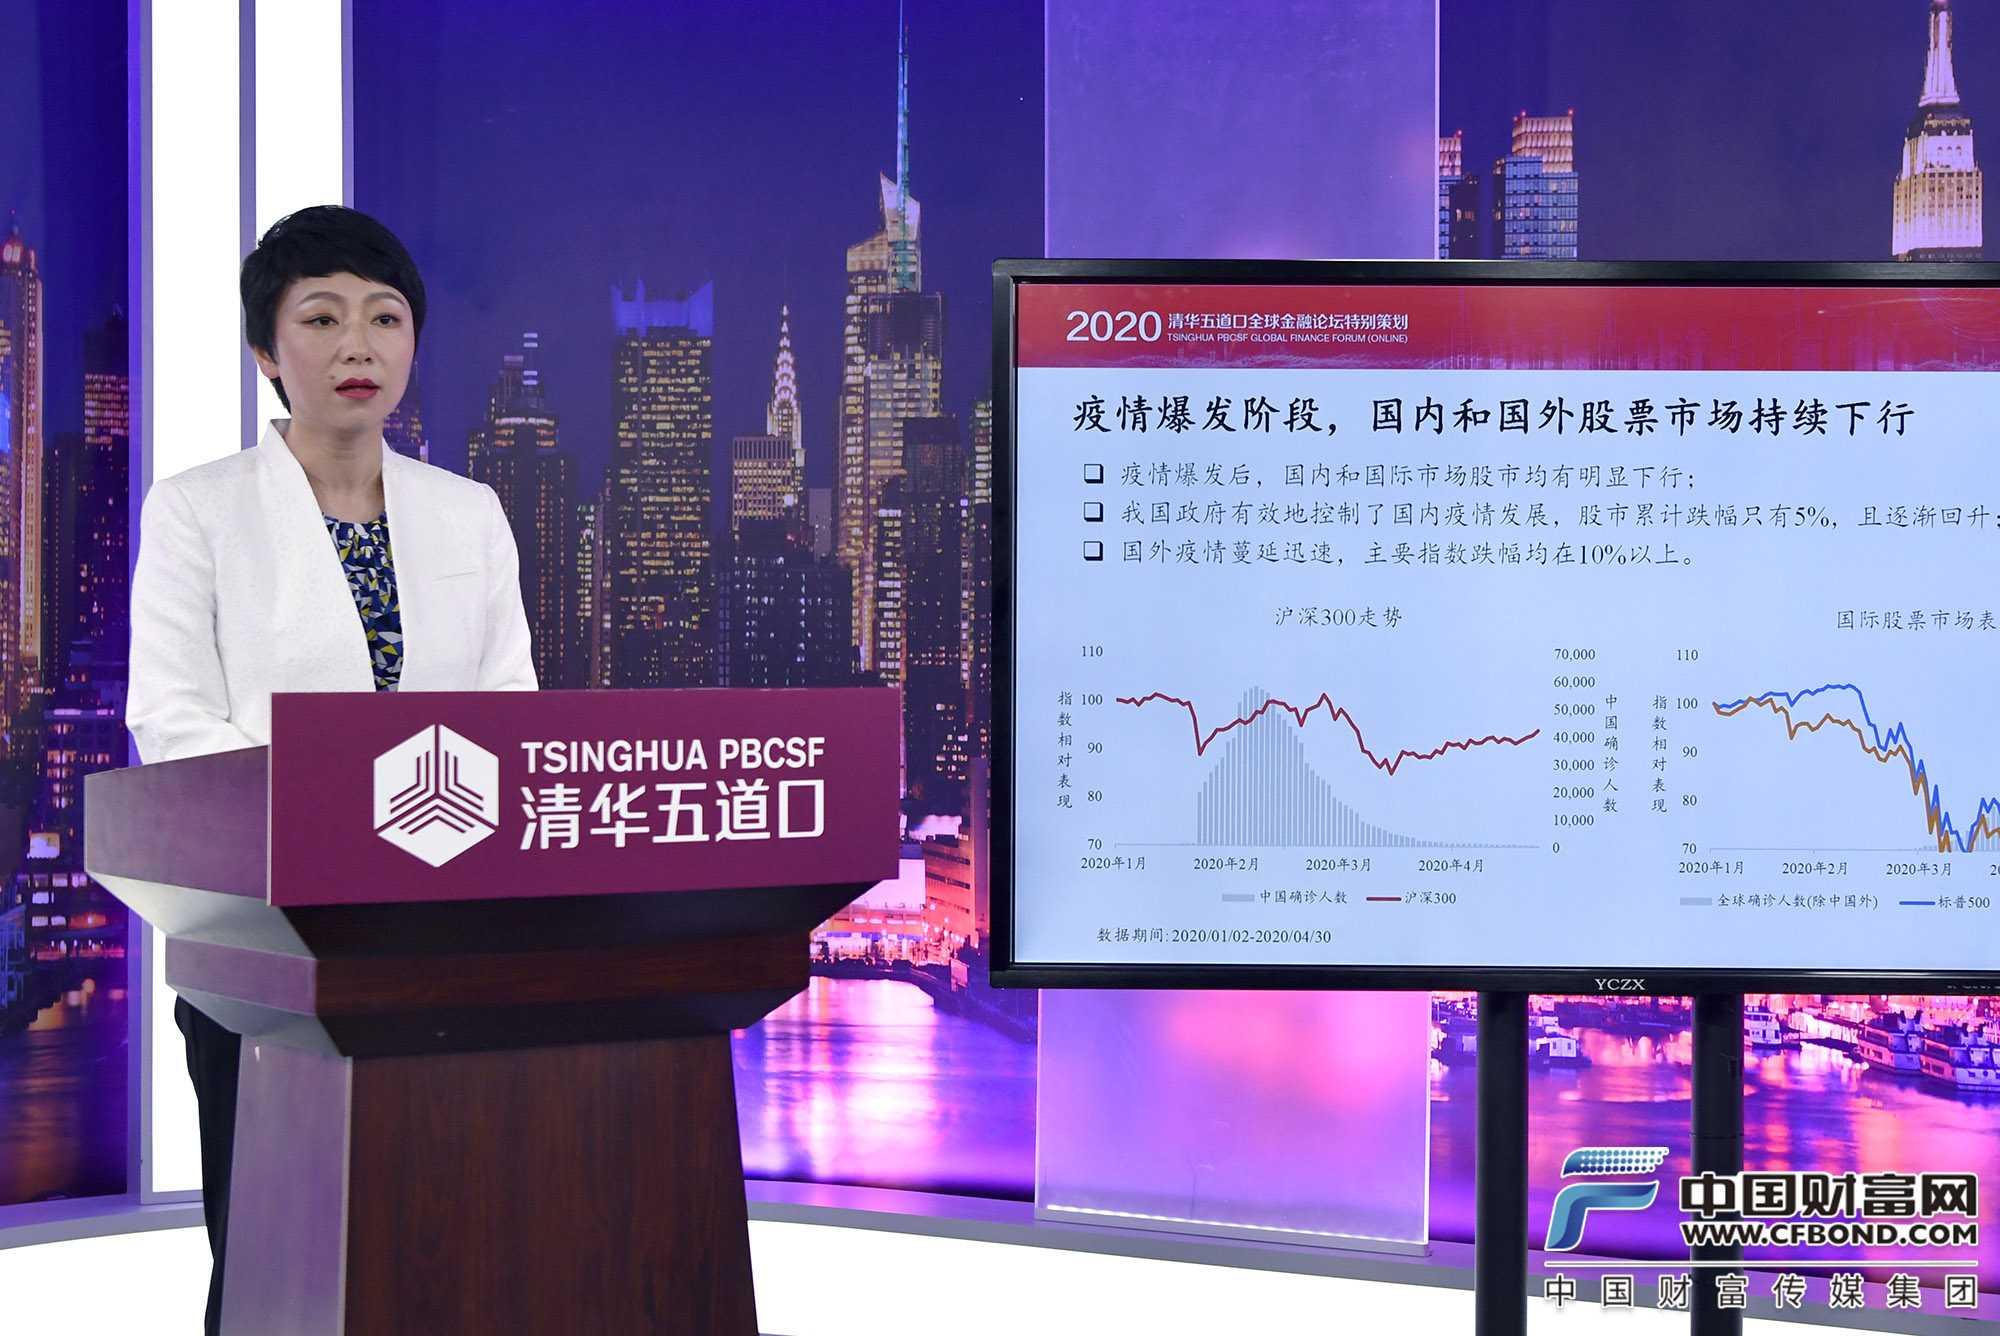 张晓燕:机构投资者将担负更重要功能